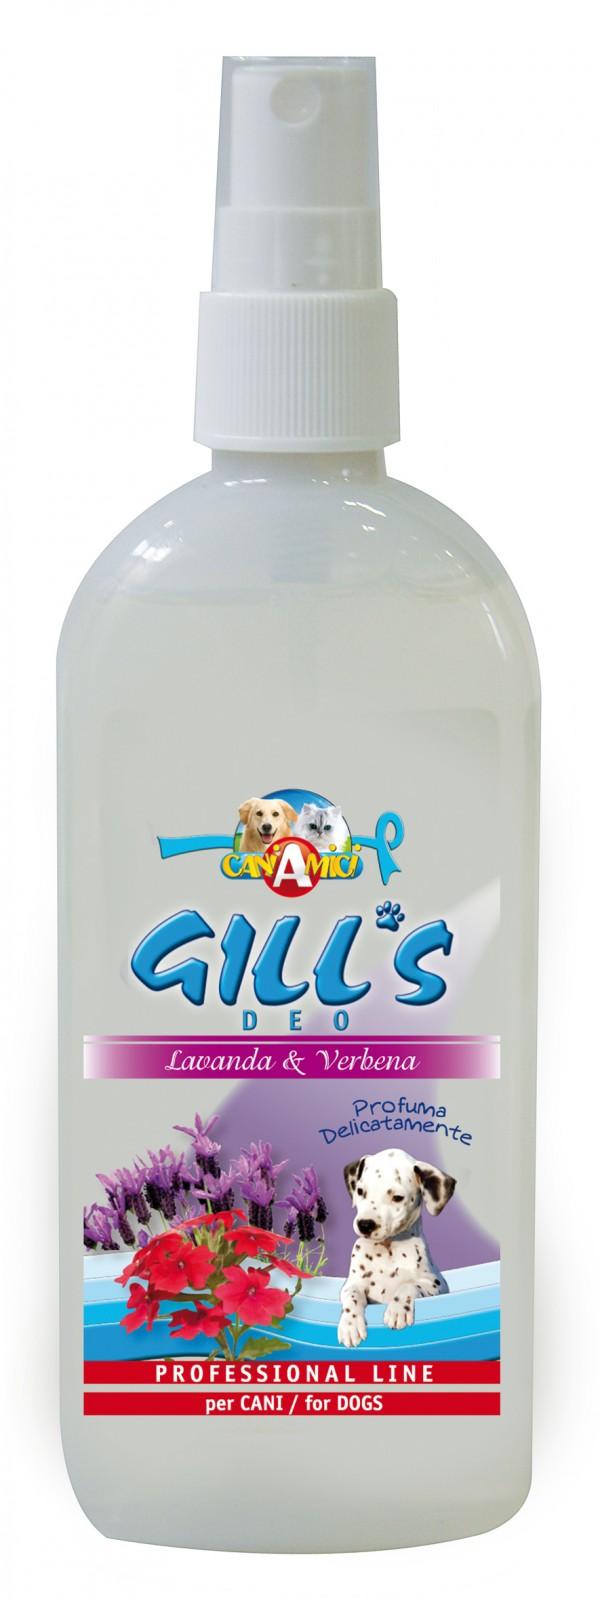 GILLS perfem lavanda 150 ml